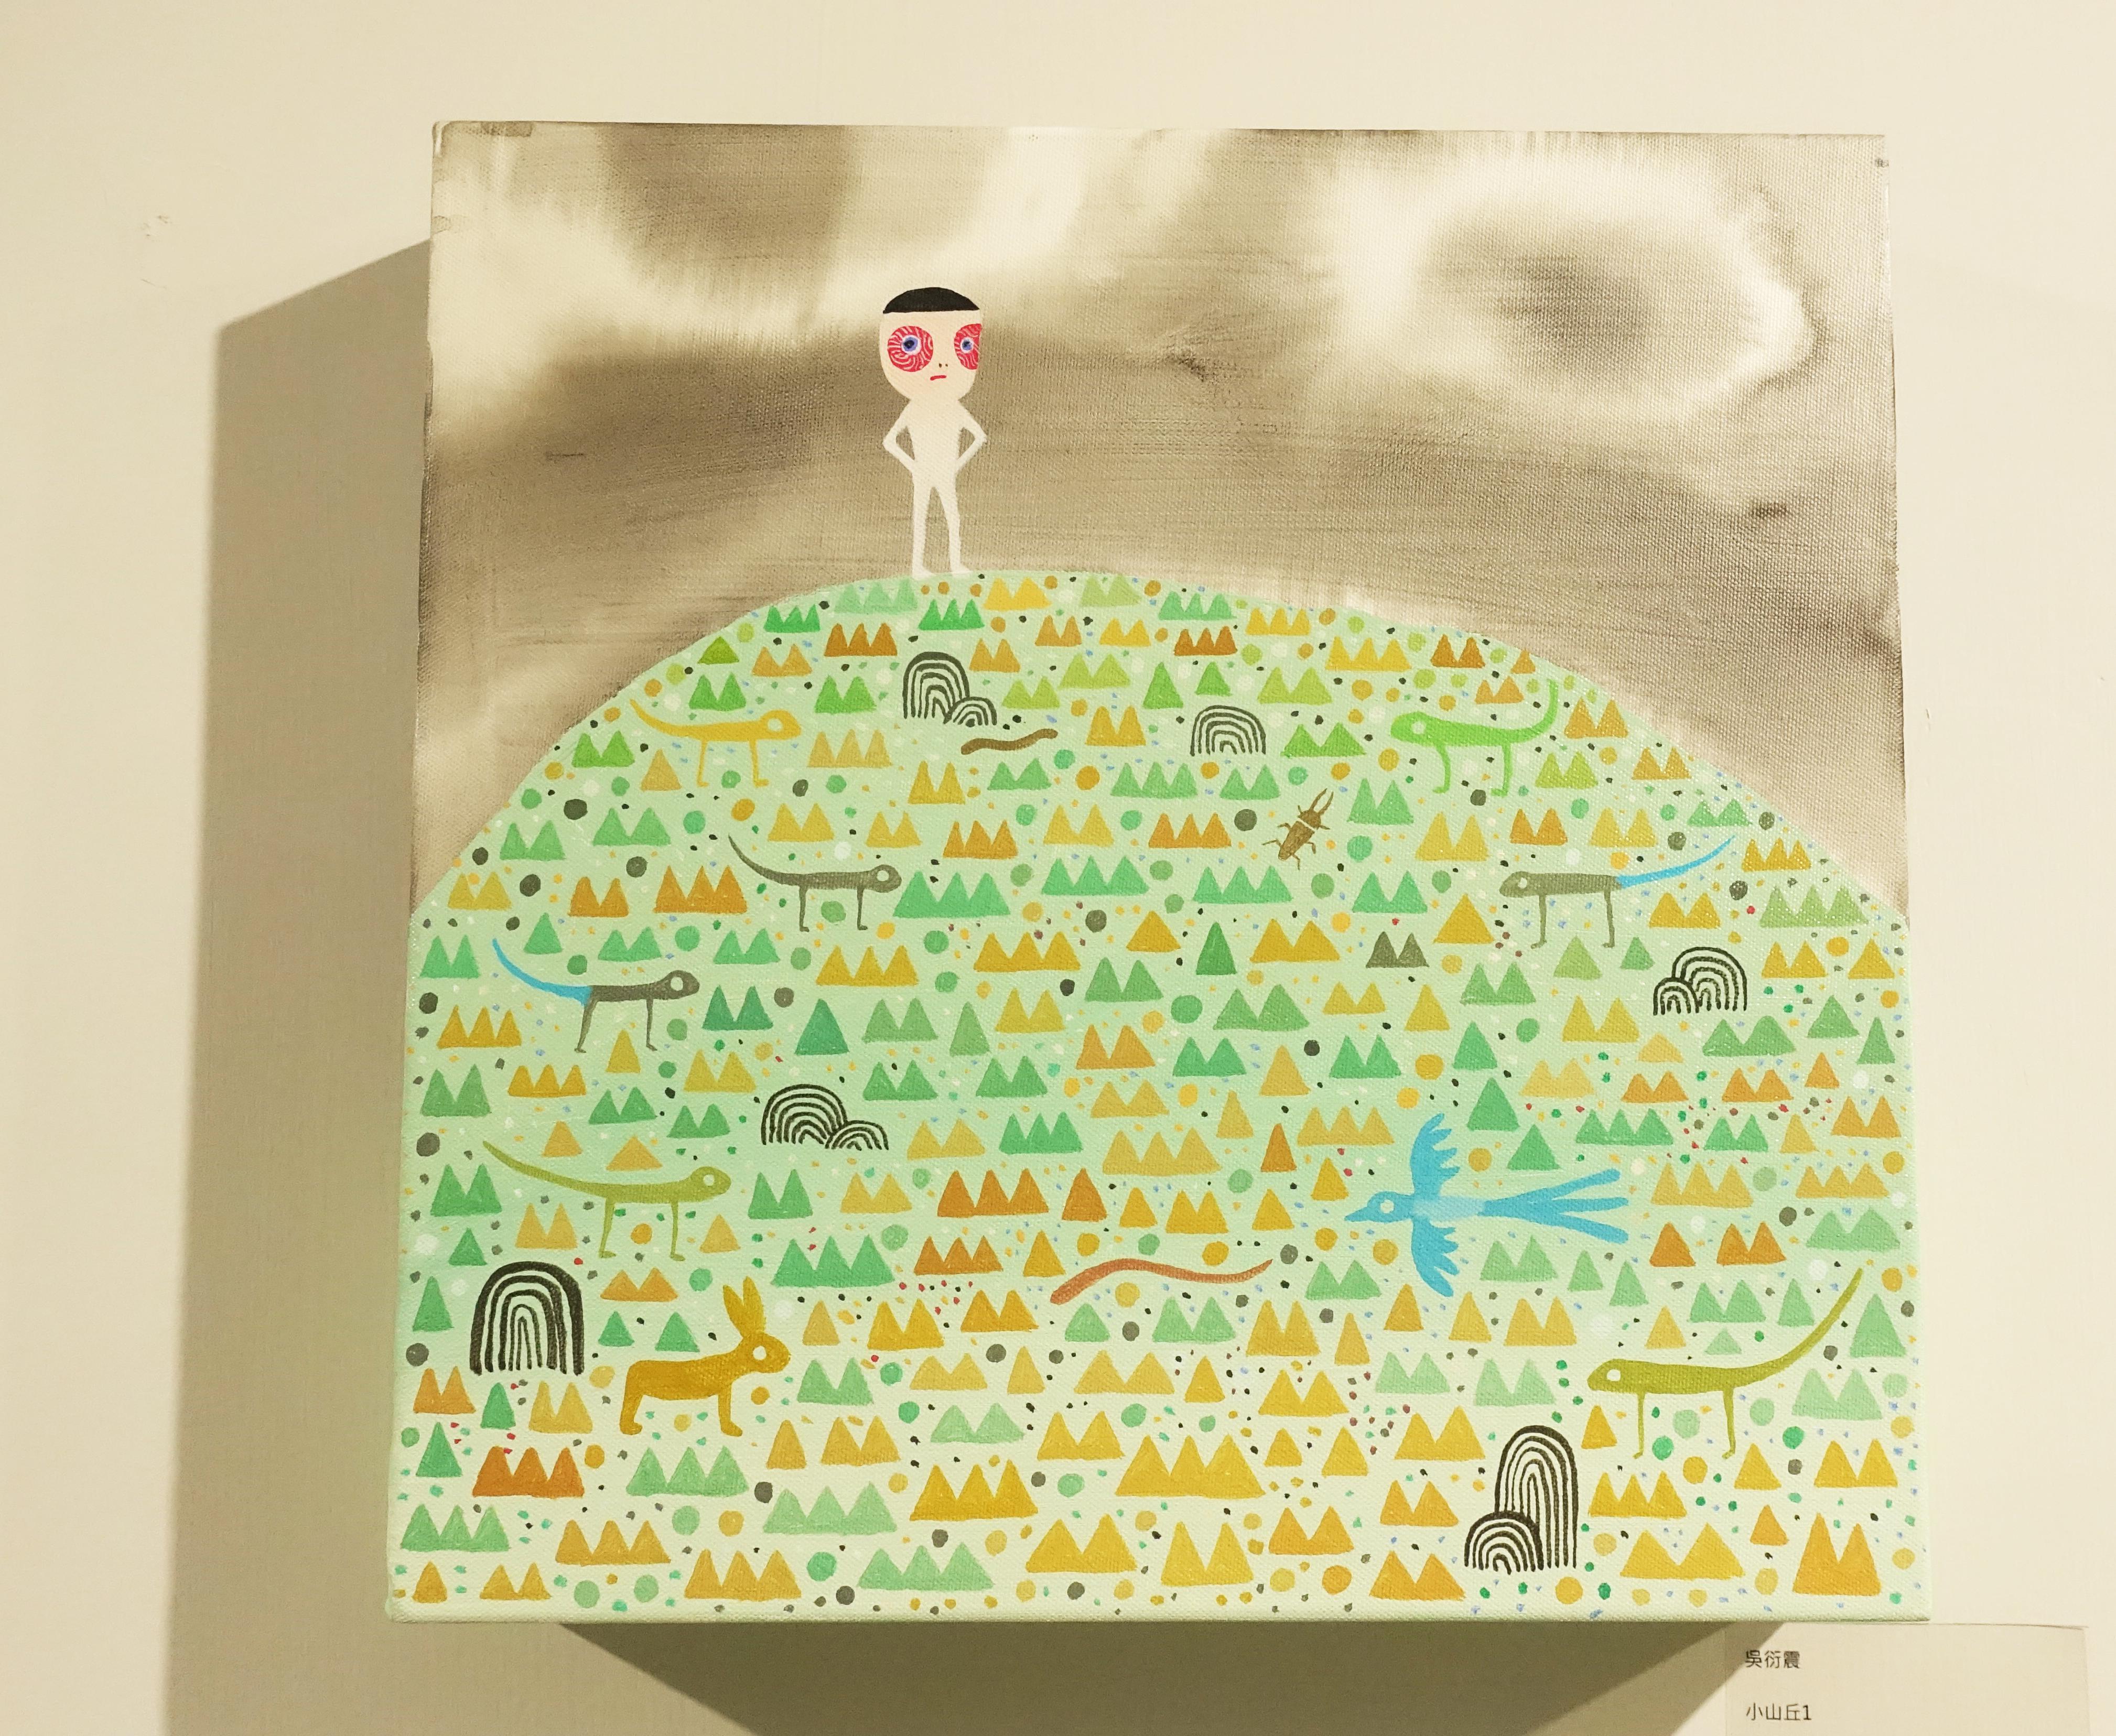 吳衍震,《小山丘1》,35 x 35 cm,壓克力、畫布,2018。